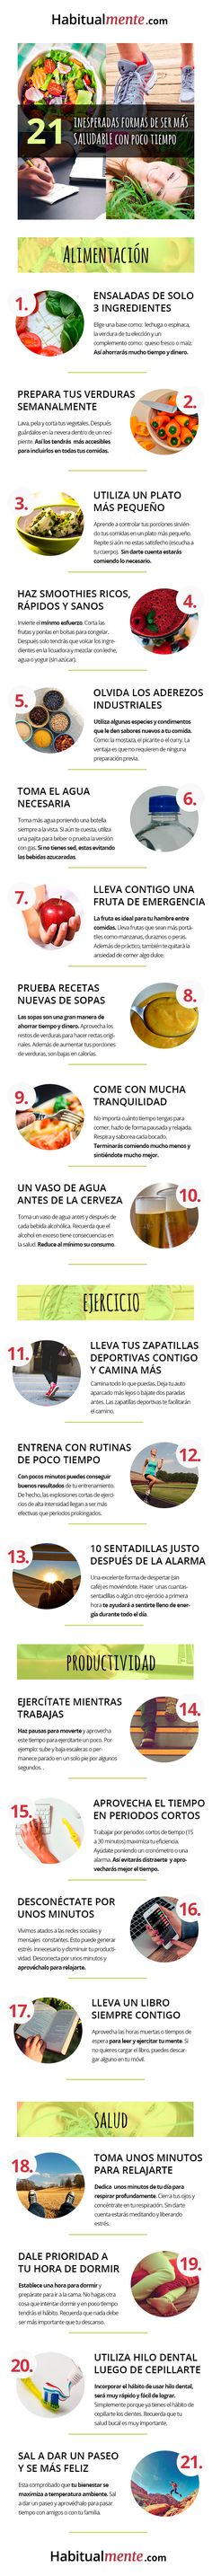 #Infografia 21 formas inesperadas de tener hábitos sanos via @taniahabitos